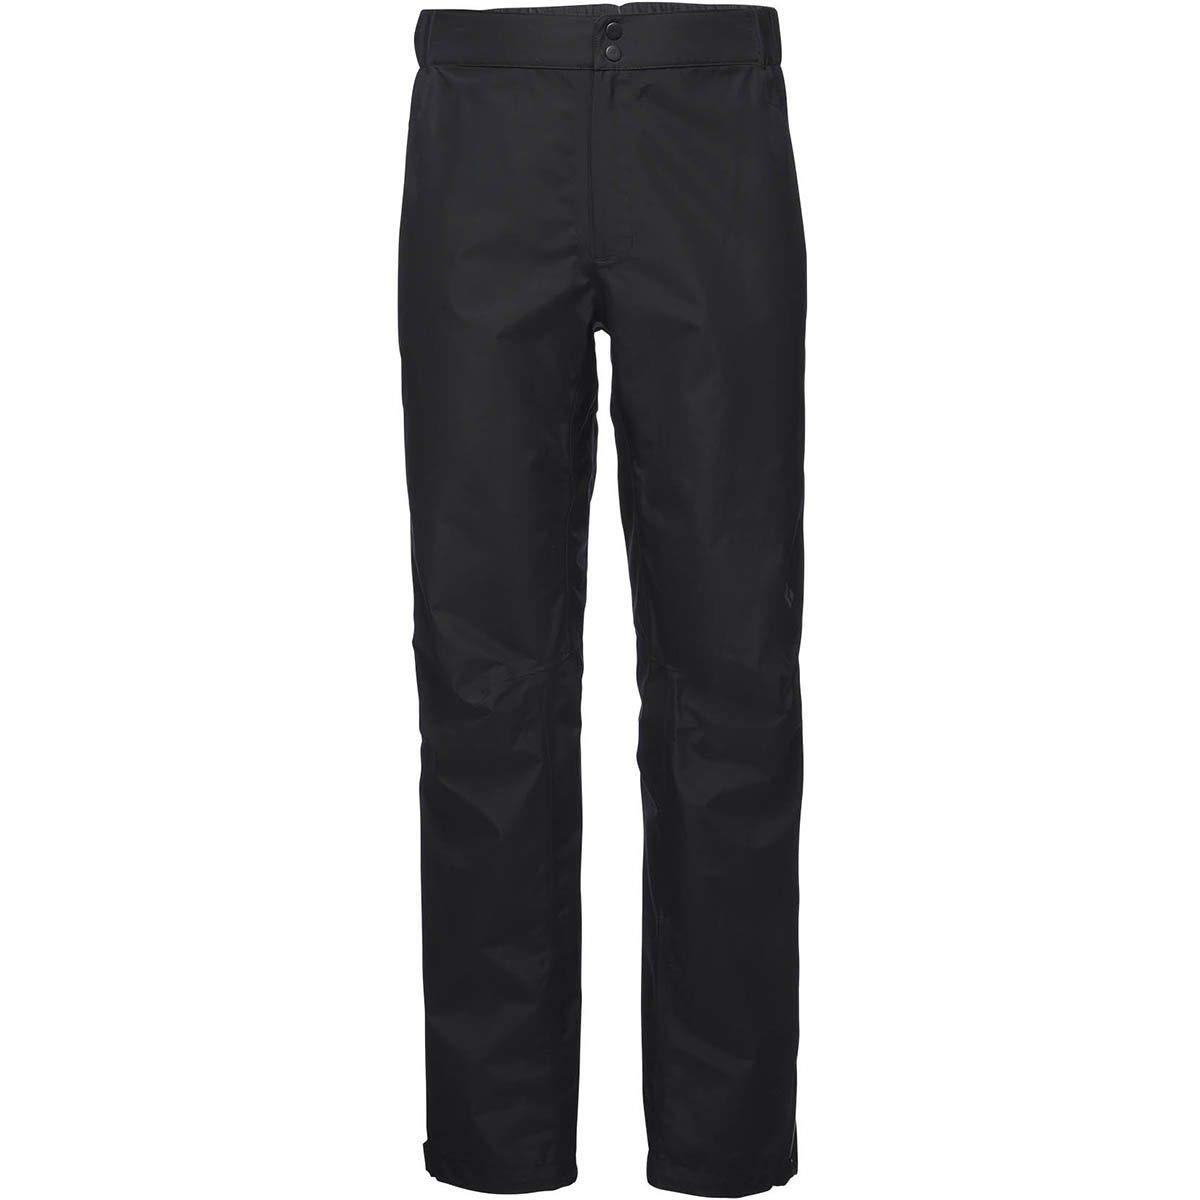 Black Diamond Liquid Point Pants - Black